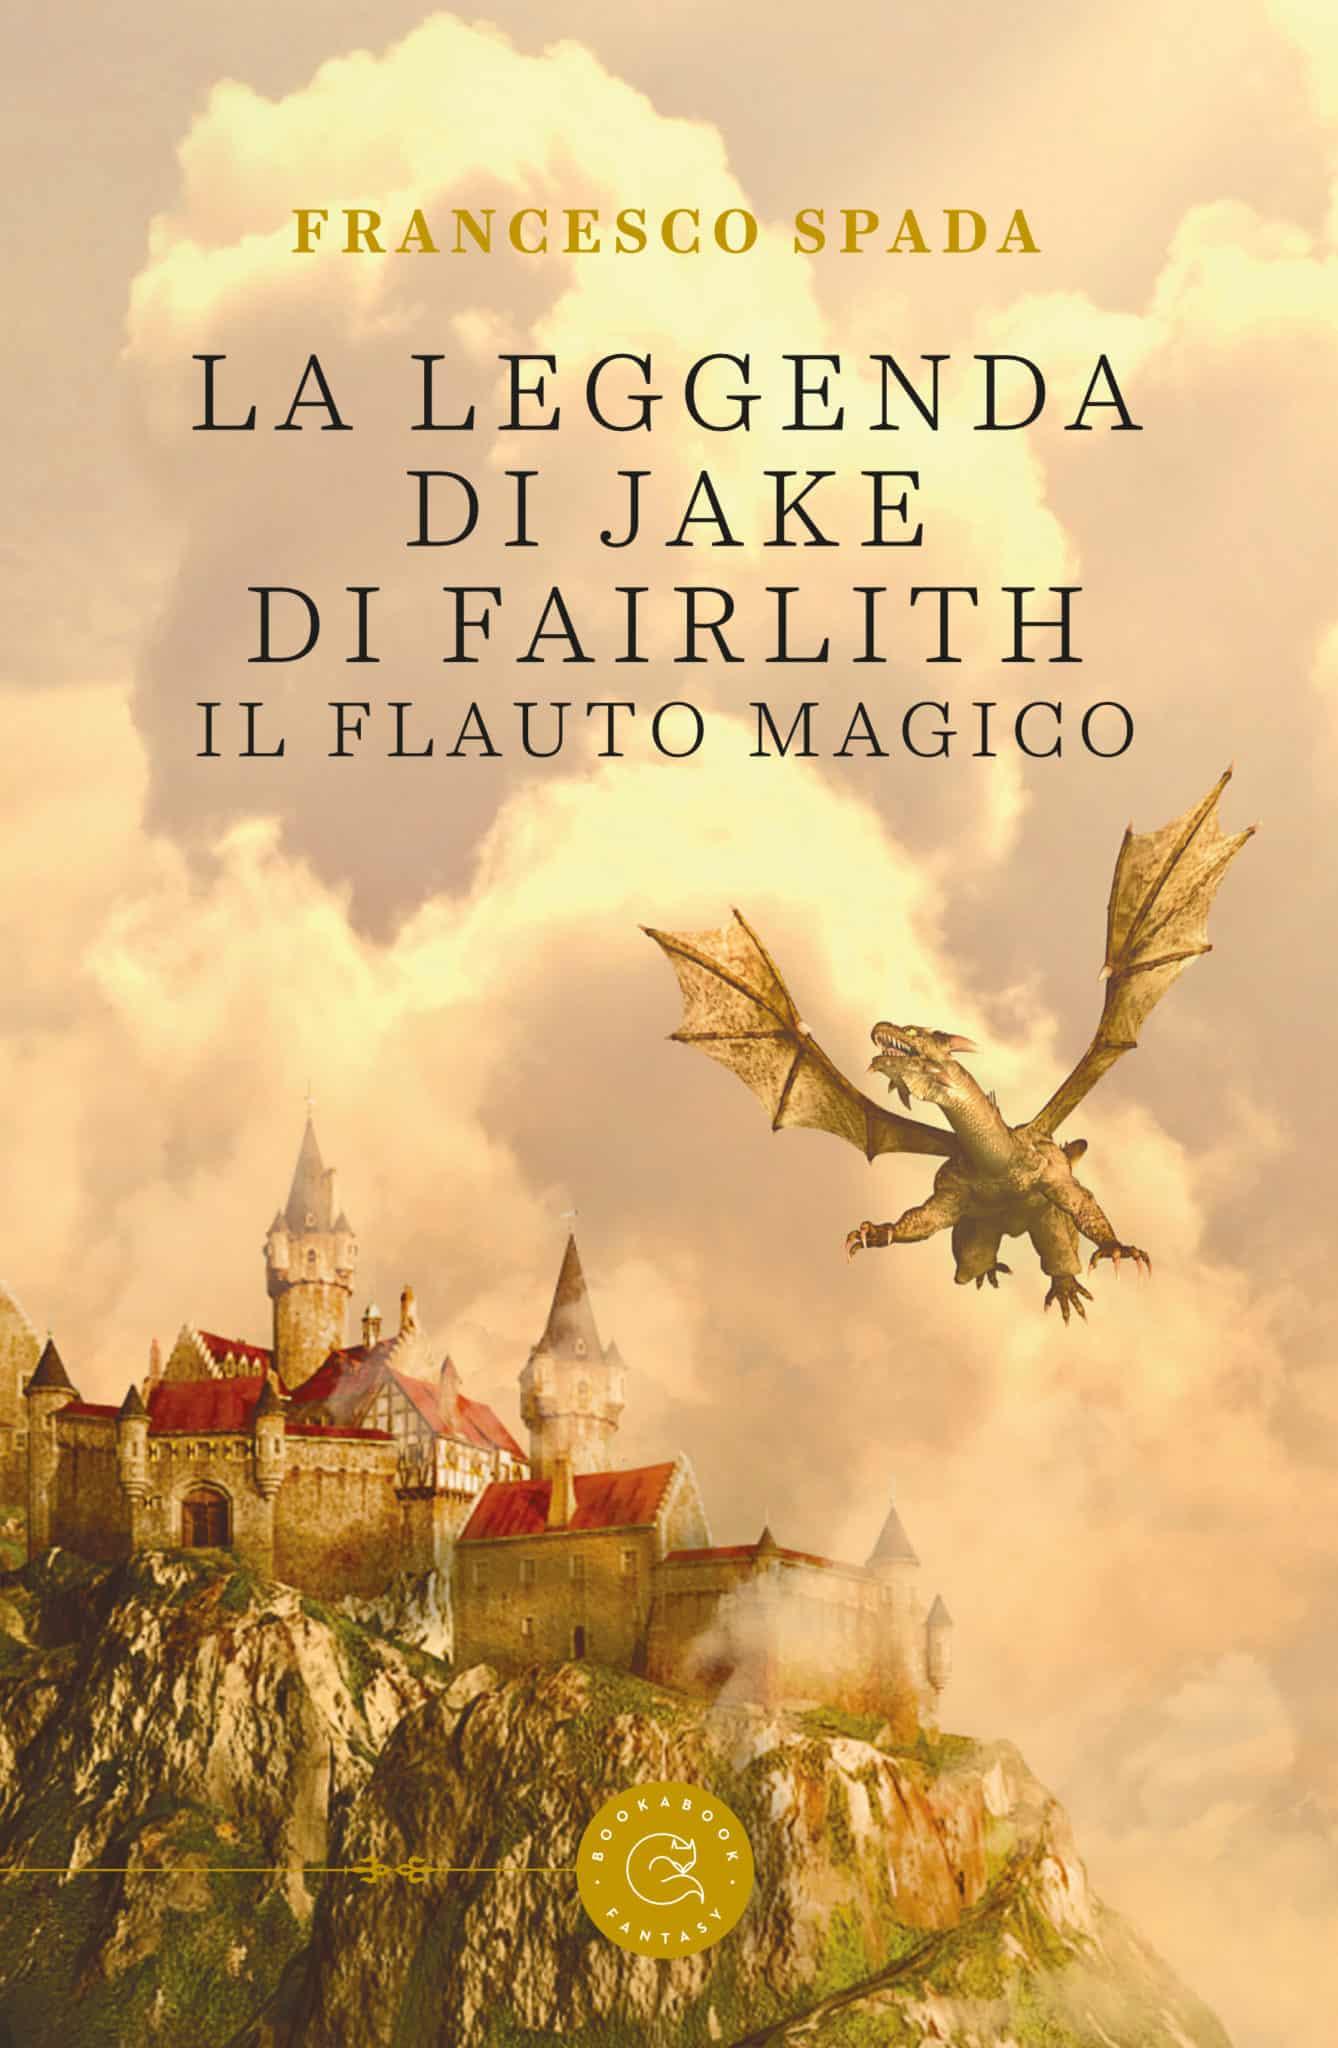 La leggenda di Jake di Fairlith